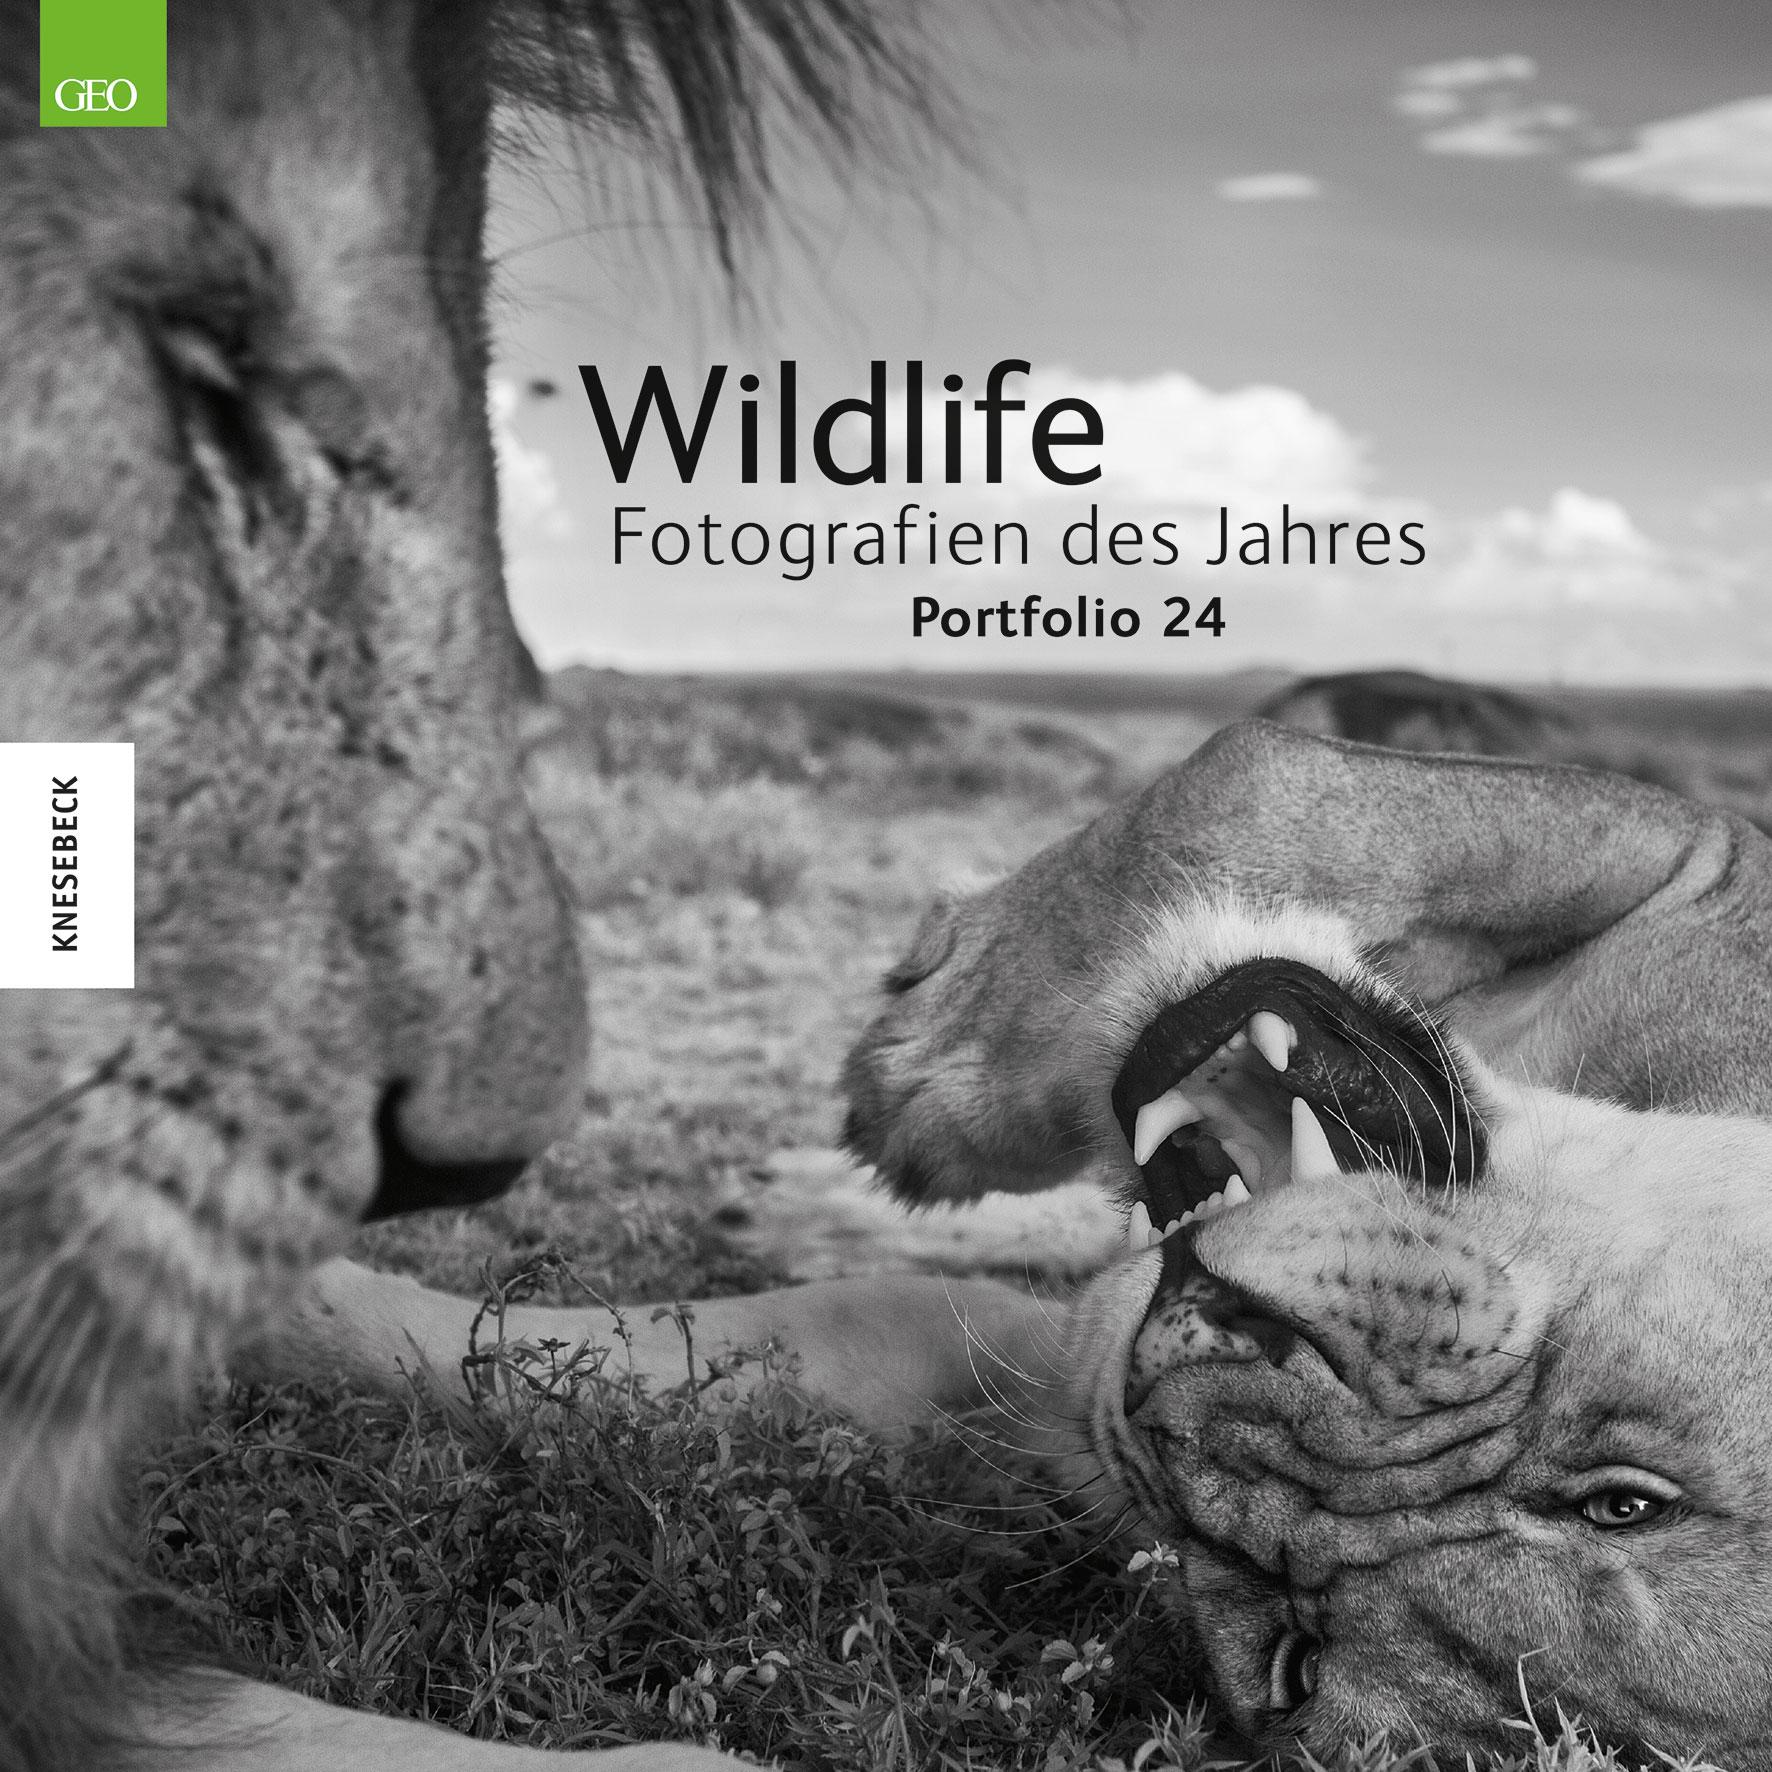 Wildlife Fotografien des Jahres - Portfolio 24 | Ulrike Kret ... 9783868737530